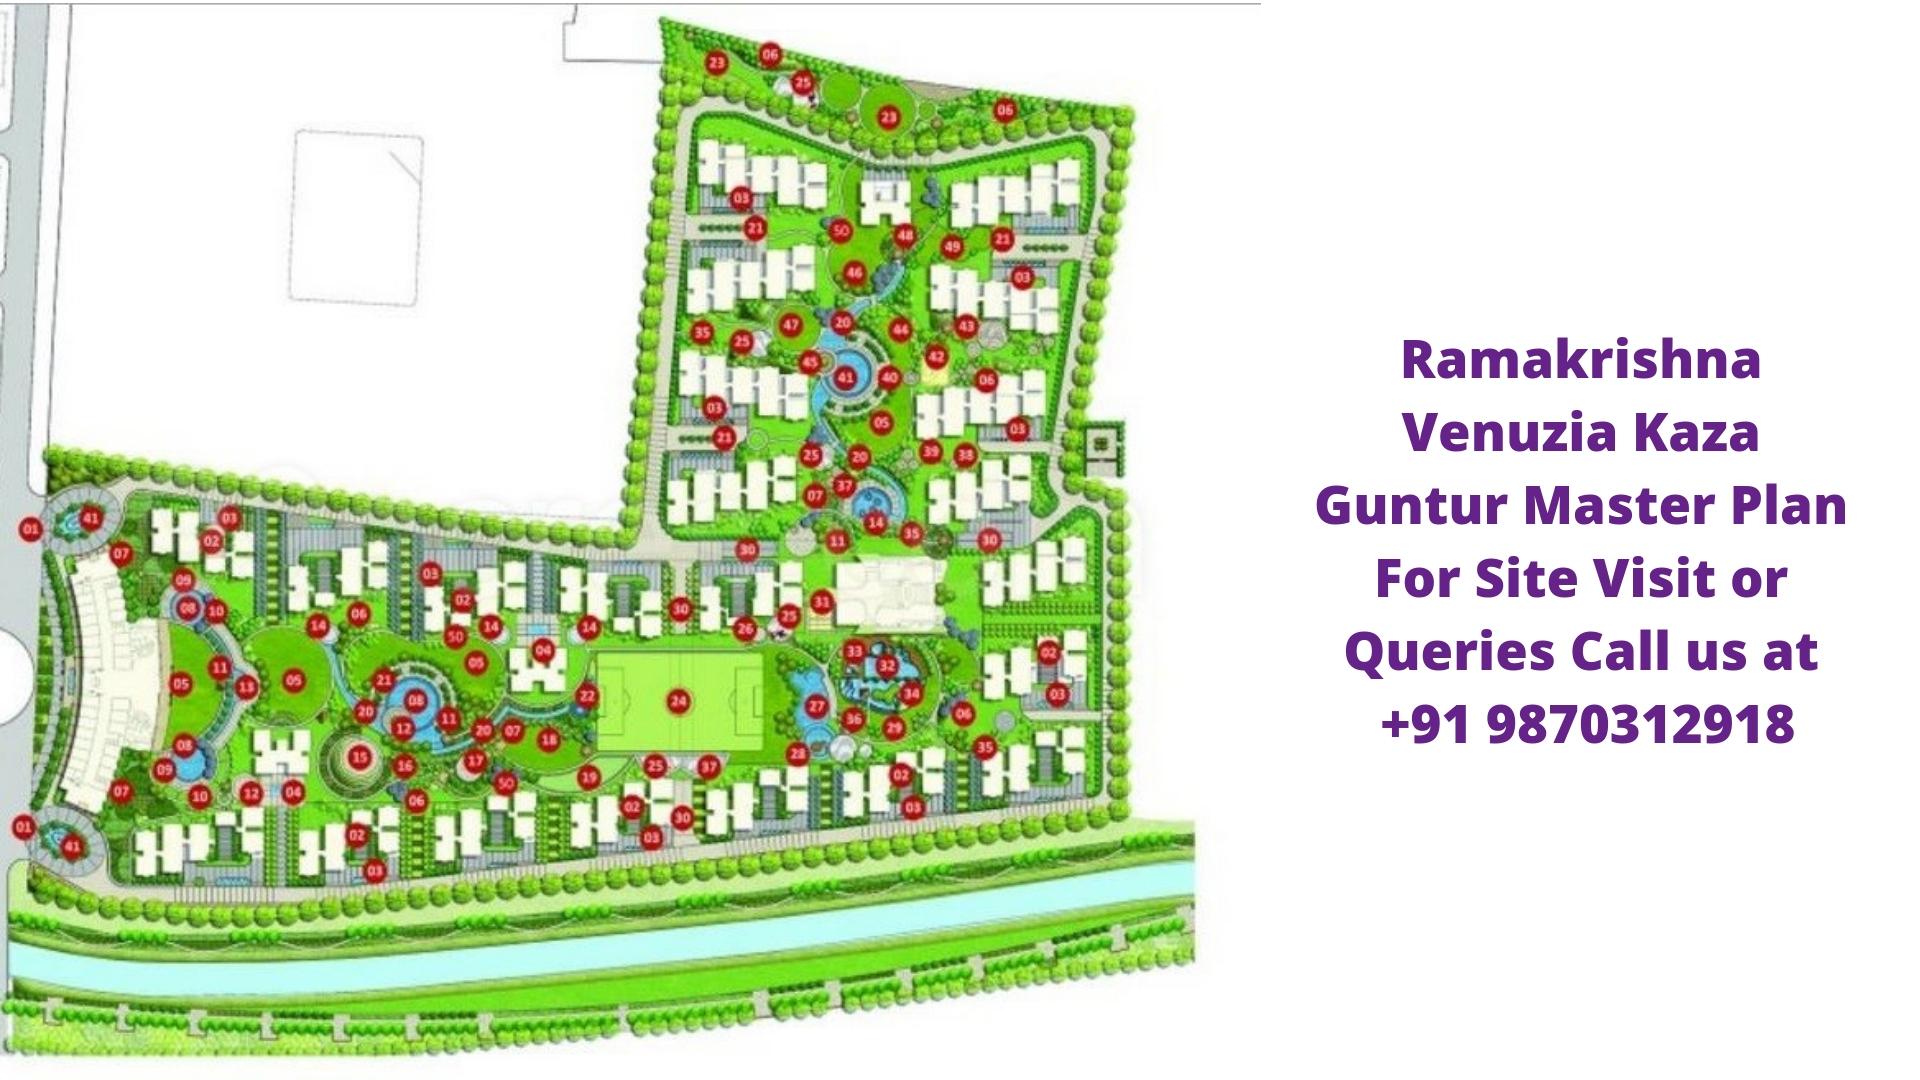 Ramakrishna Venuzia Kaza Guntur